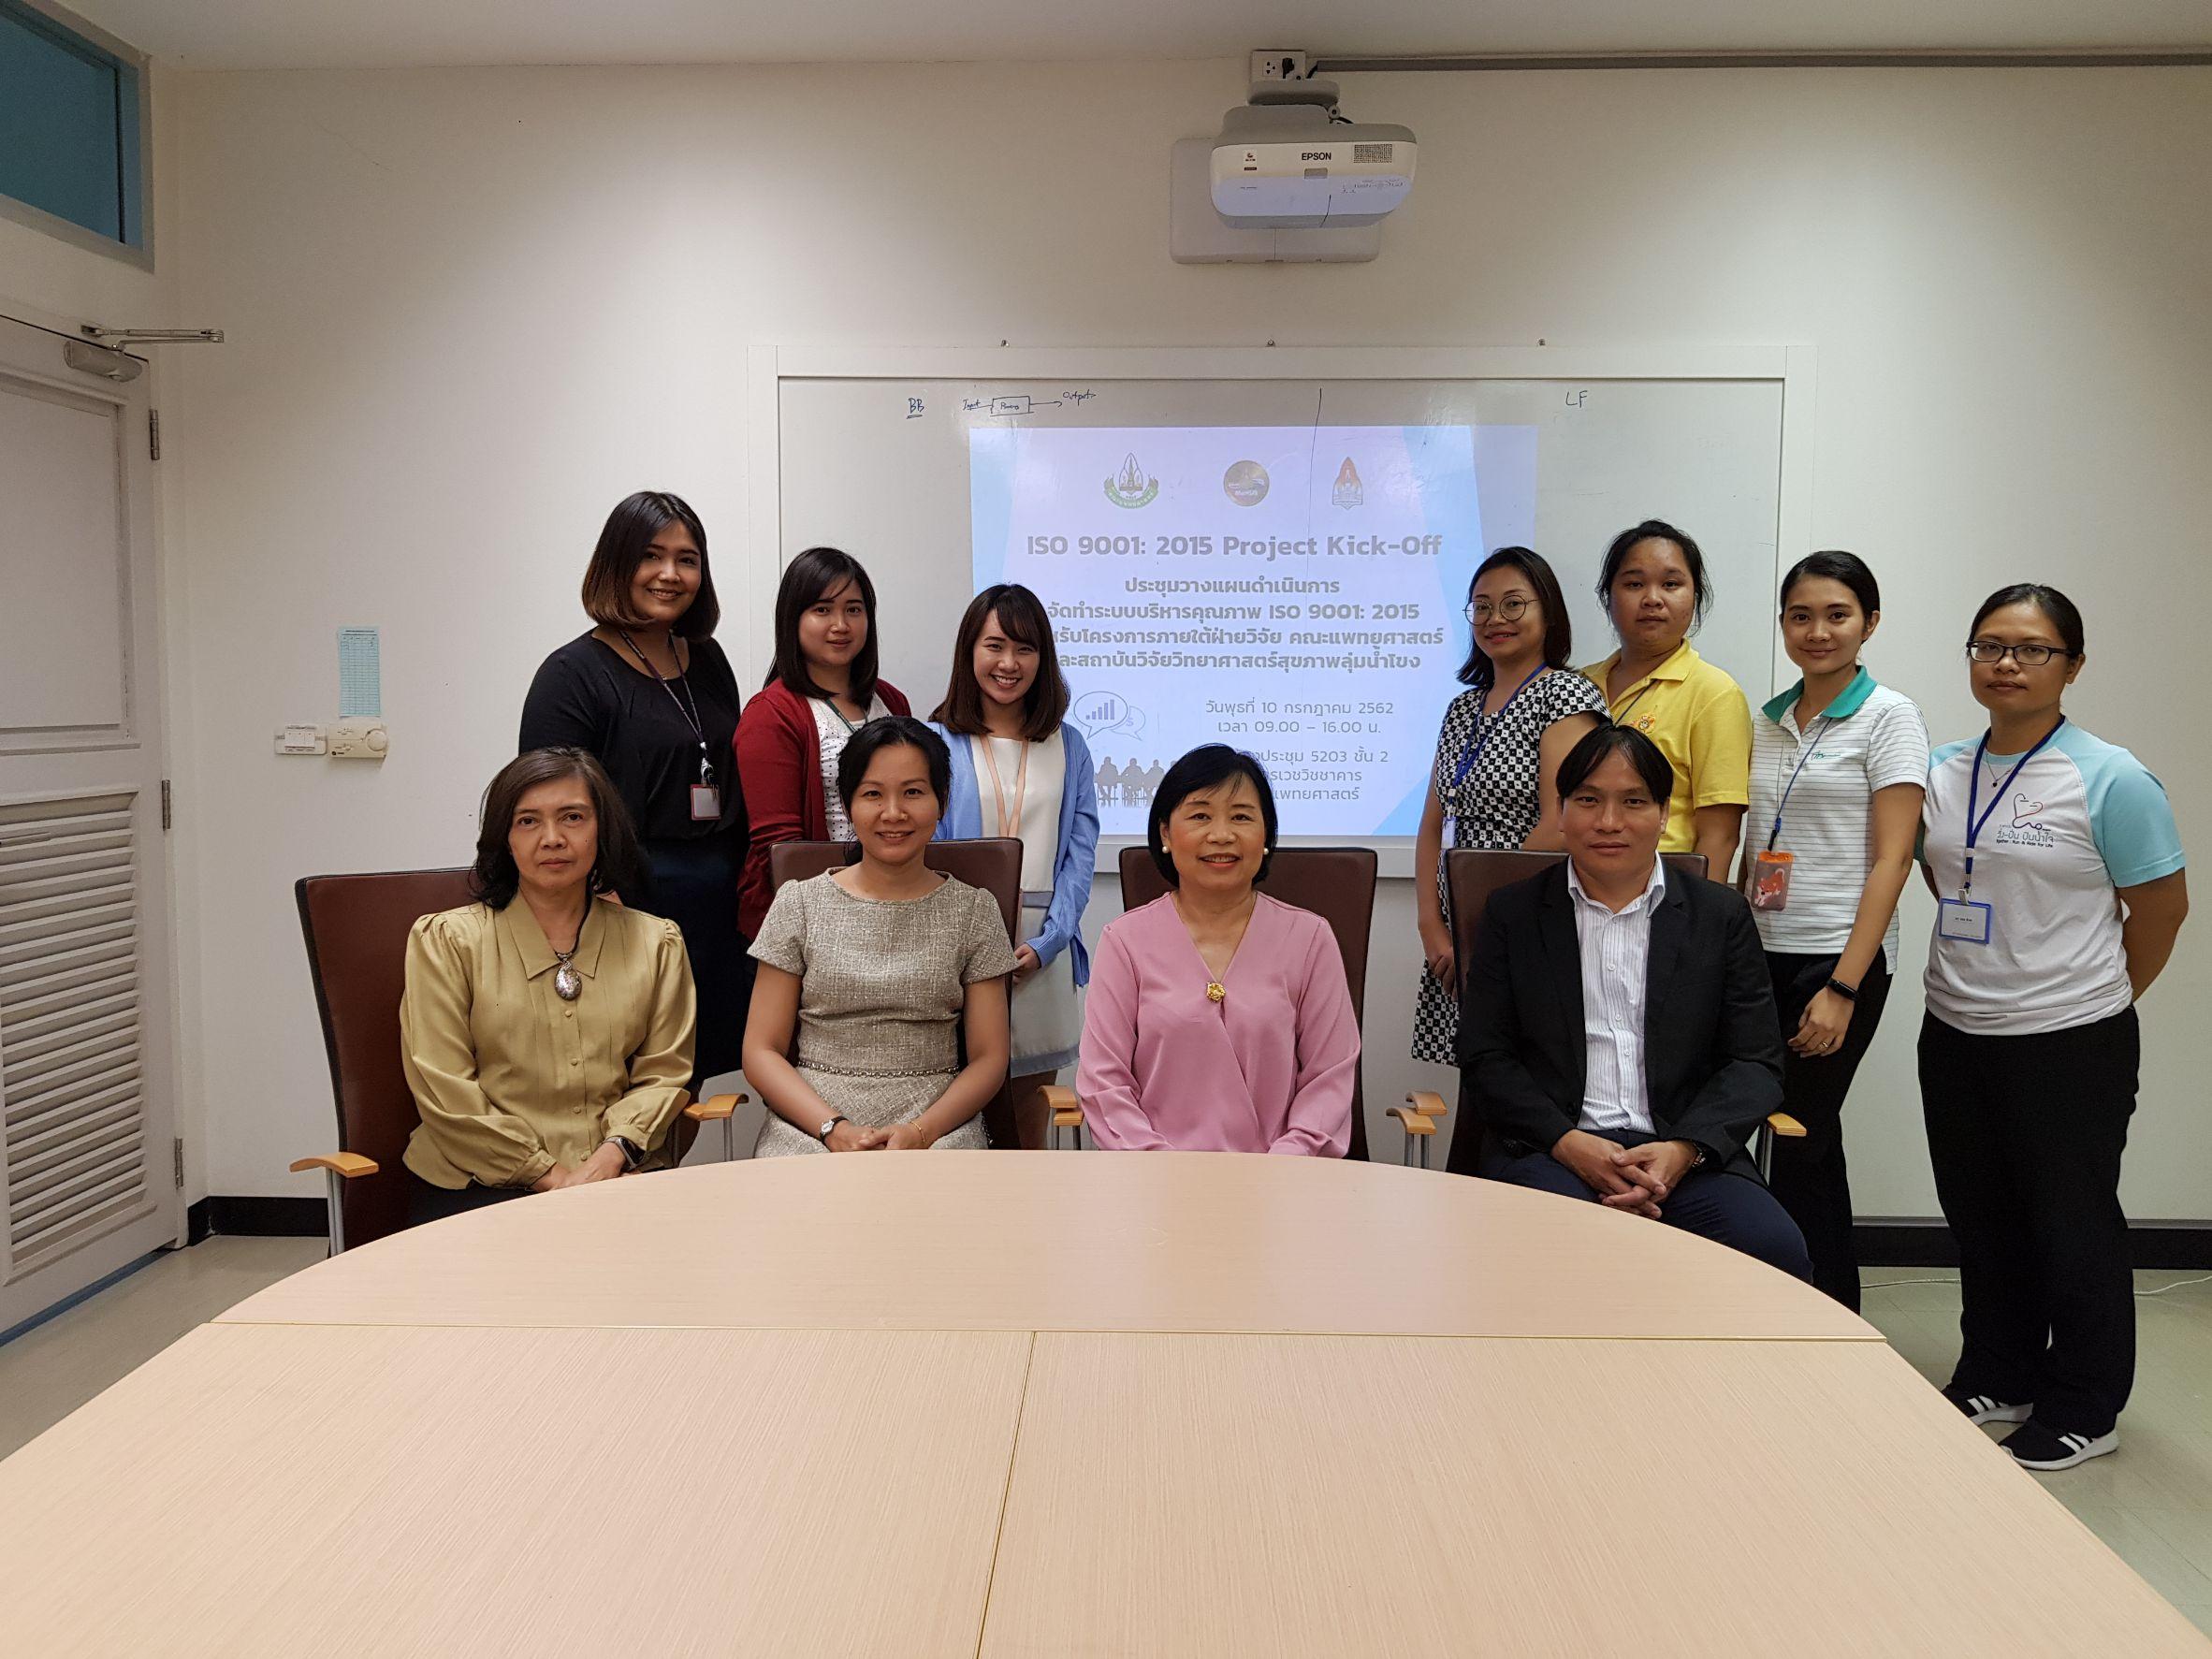 ฝ่ายวิจัย คณะแพทยศาสตร์จัดประชุม Project Kick off ISO 9001: 2015 สำหรับโครงการให้บริการทางด้านงานวิจัยภายใต้ฝ่ายวิจัย